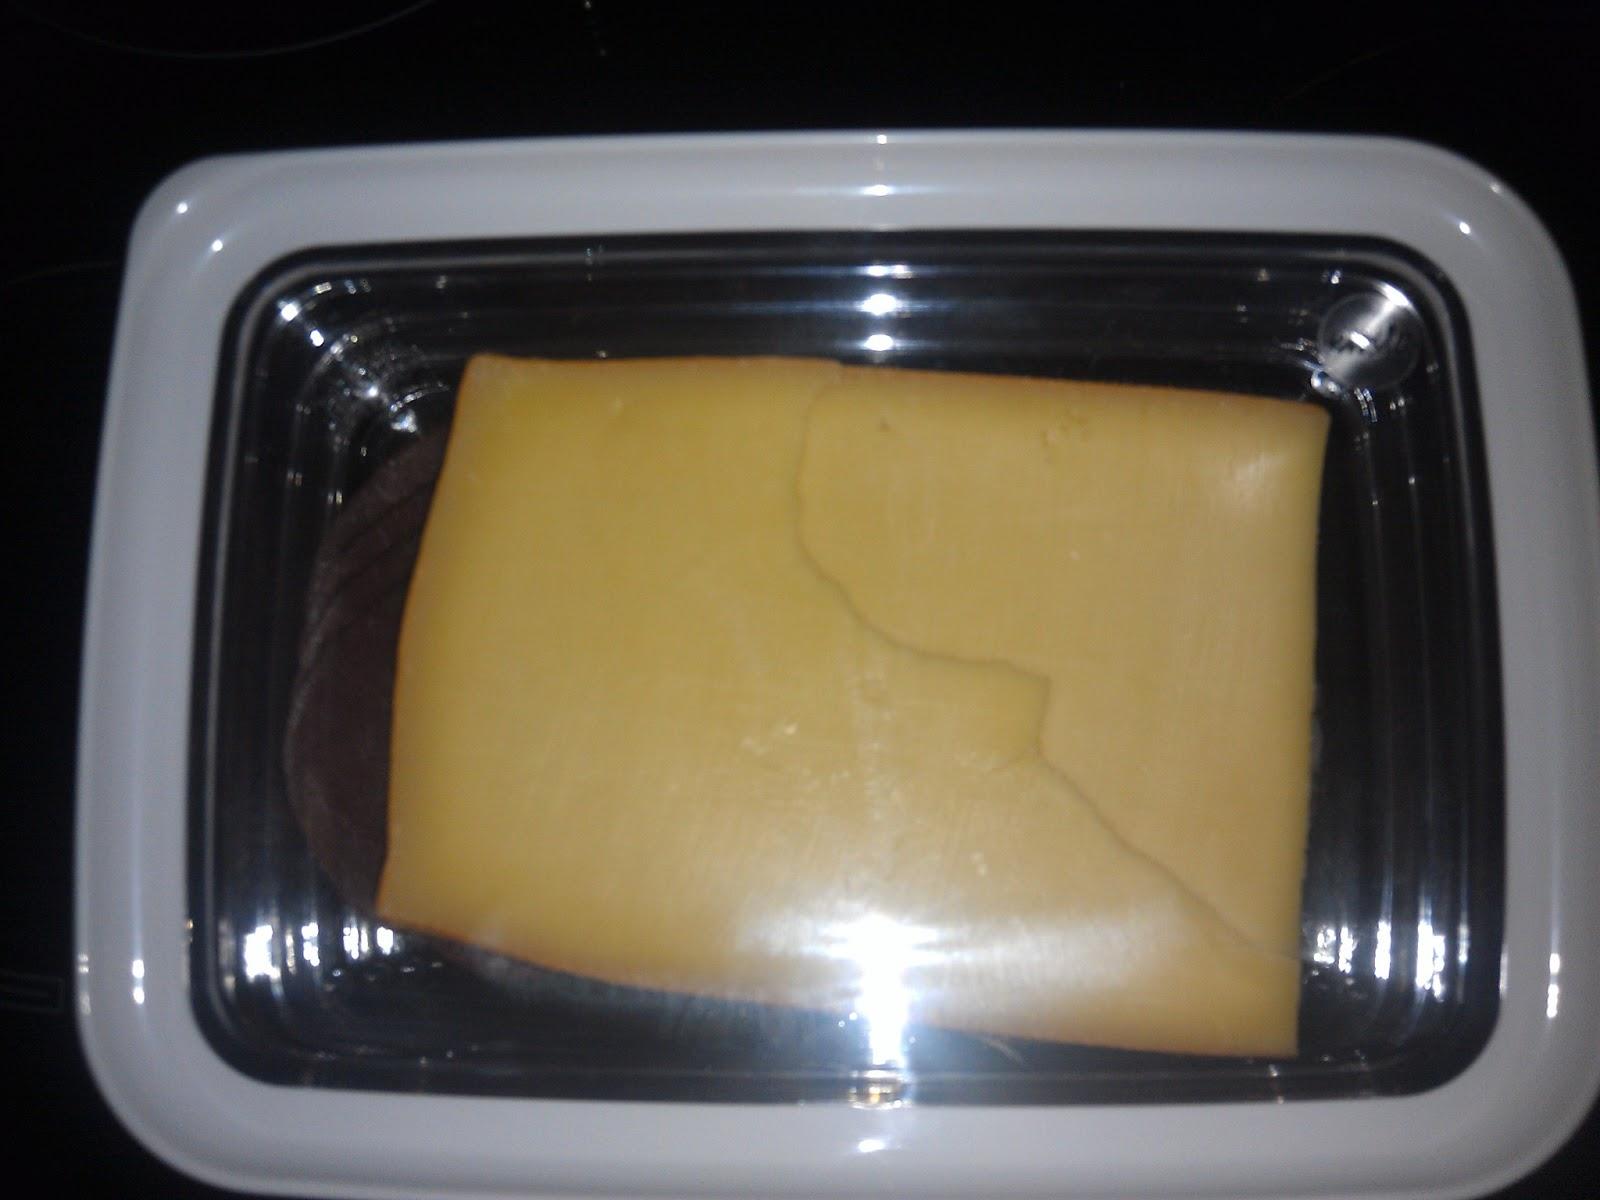 Kühlschrank Aufschnittbox : ᐅᐅ】 aufschnittbox tupperware im vergleich  🥇 top